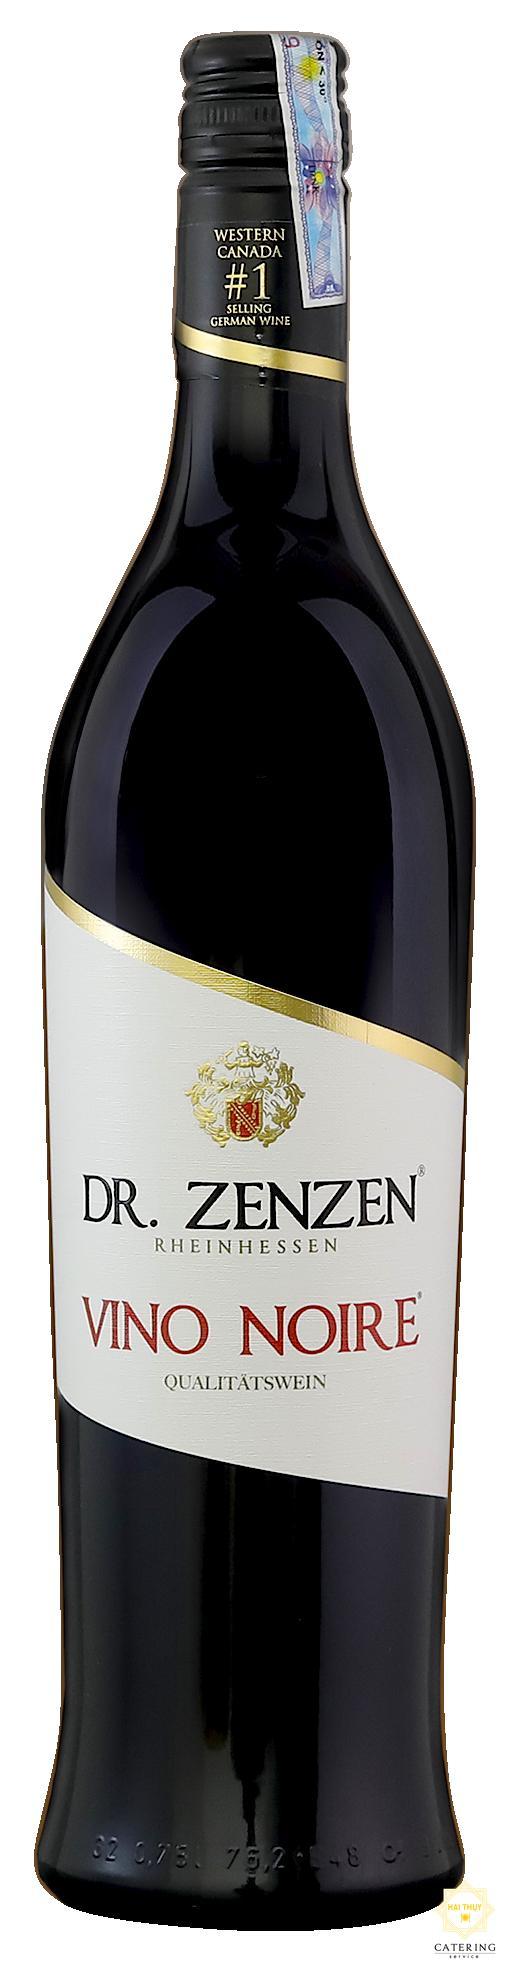 Dr Zenzen Vino Noire